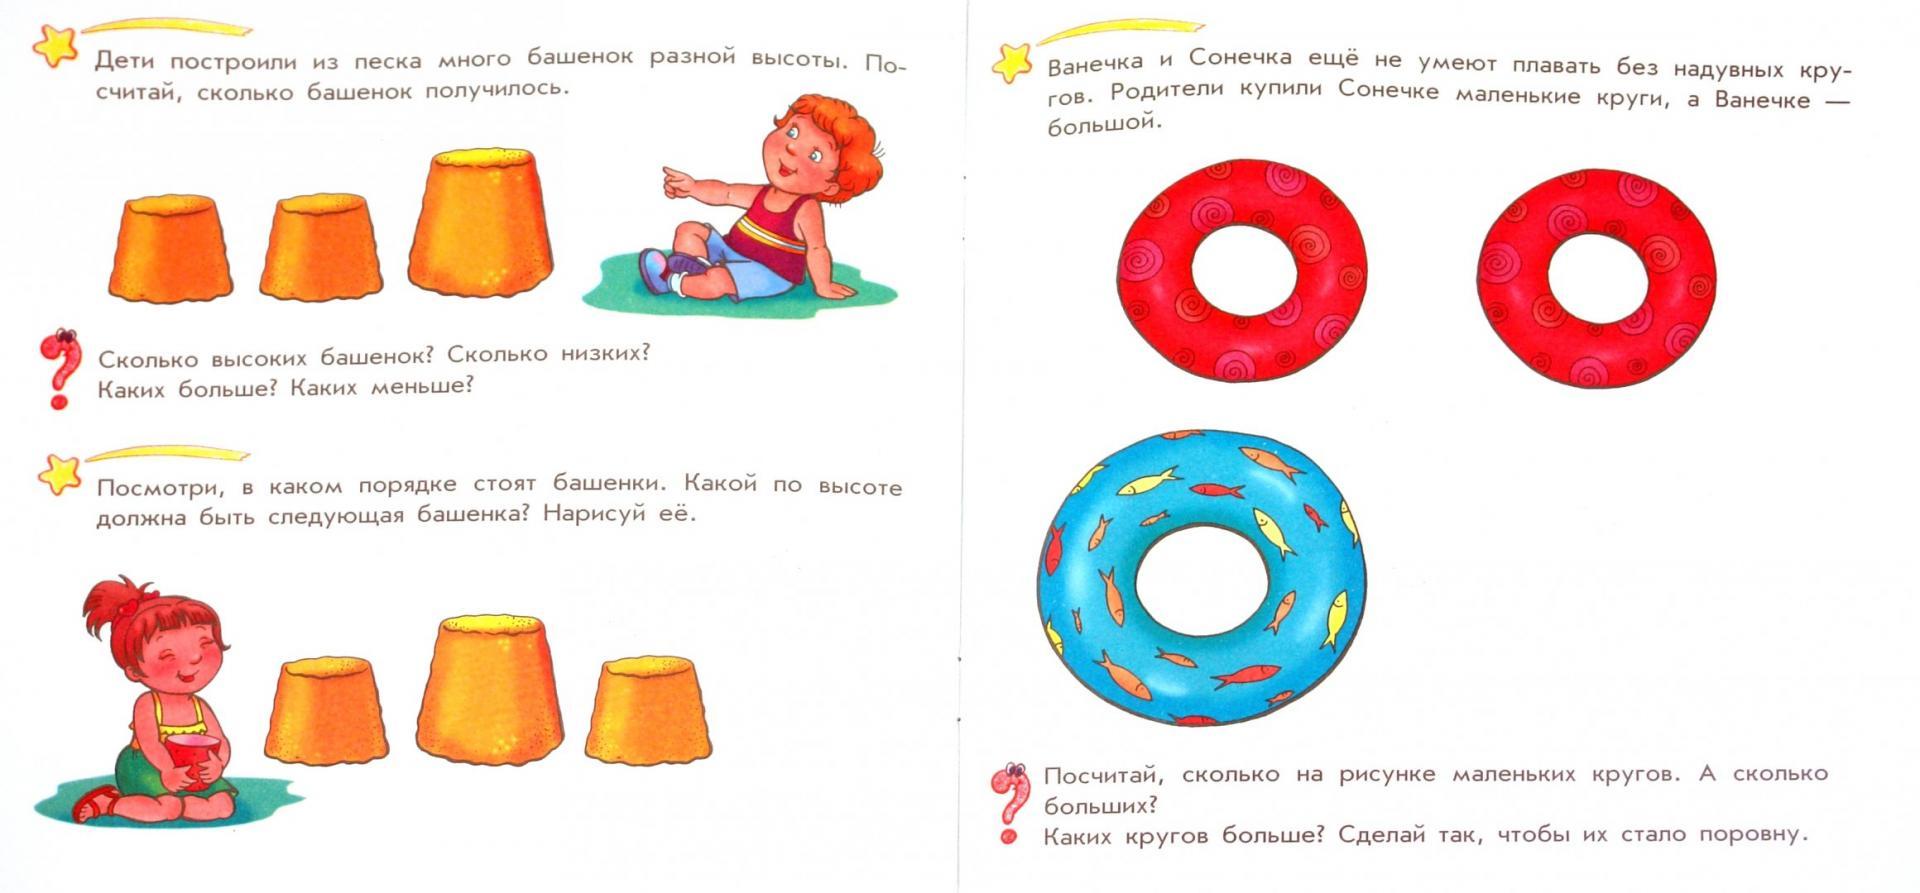 Иллюстрация 1 из 14 для Что мы знаем о временах года: Развивающая тетрадь для занятий с ребенком от 3 лет - Елена Дорохова | Лабиринт - книги. Источник: Лабиринт